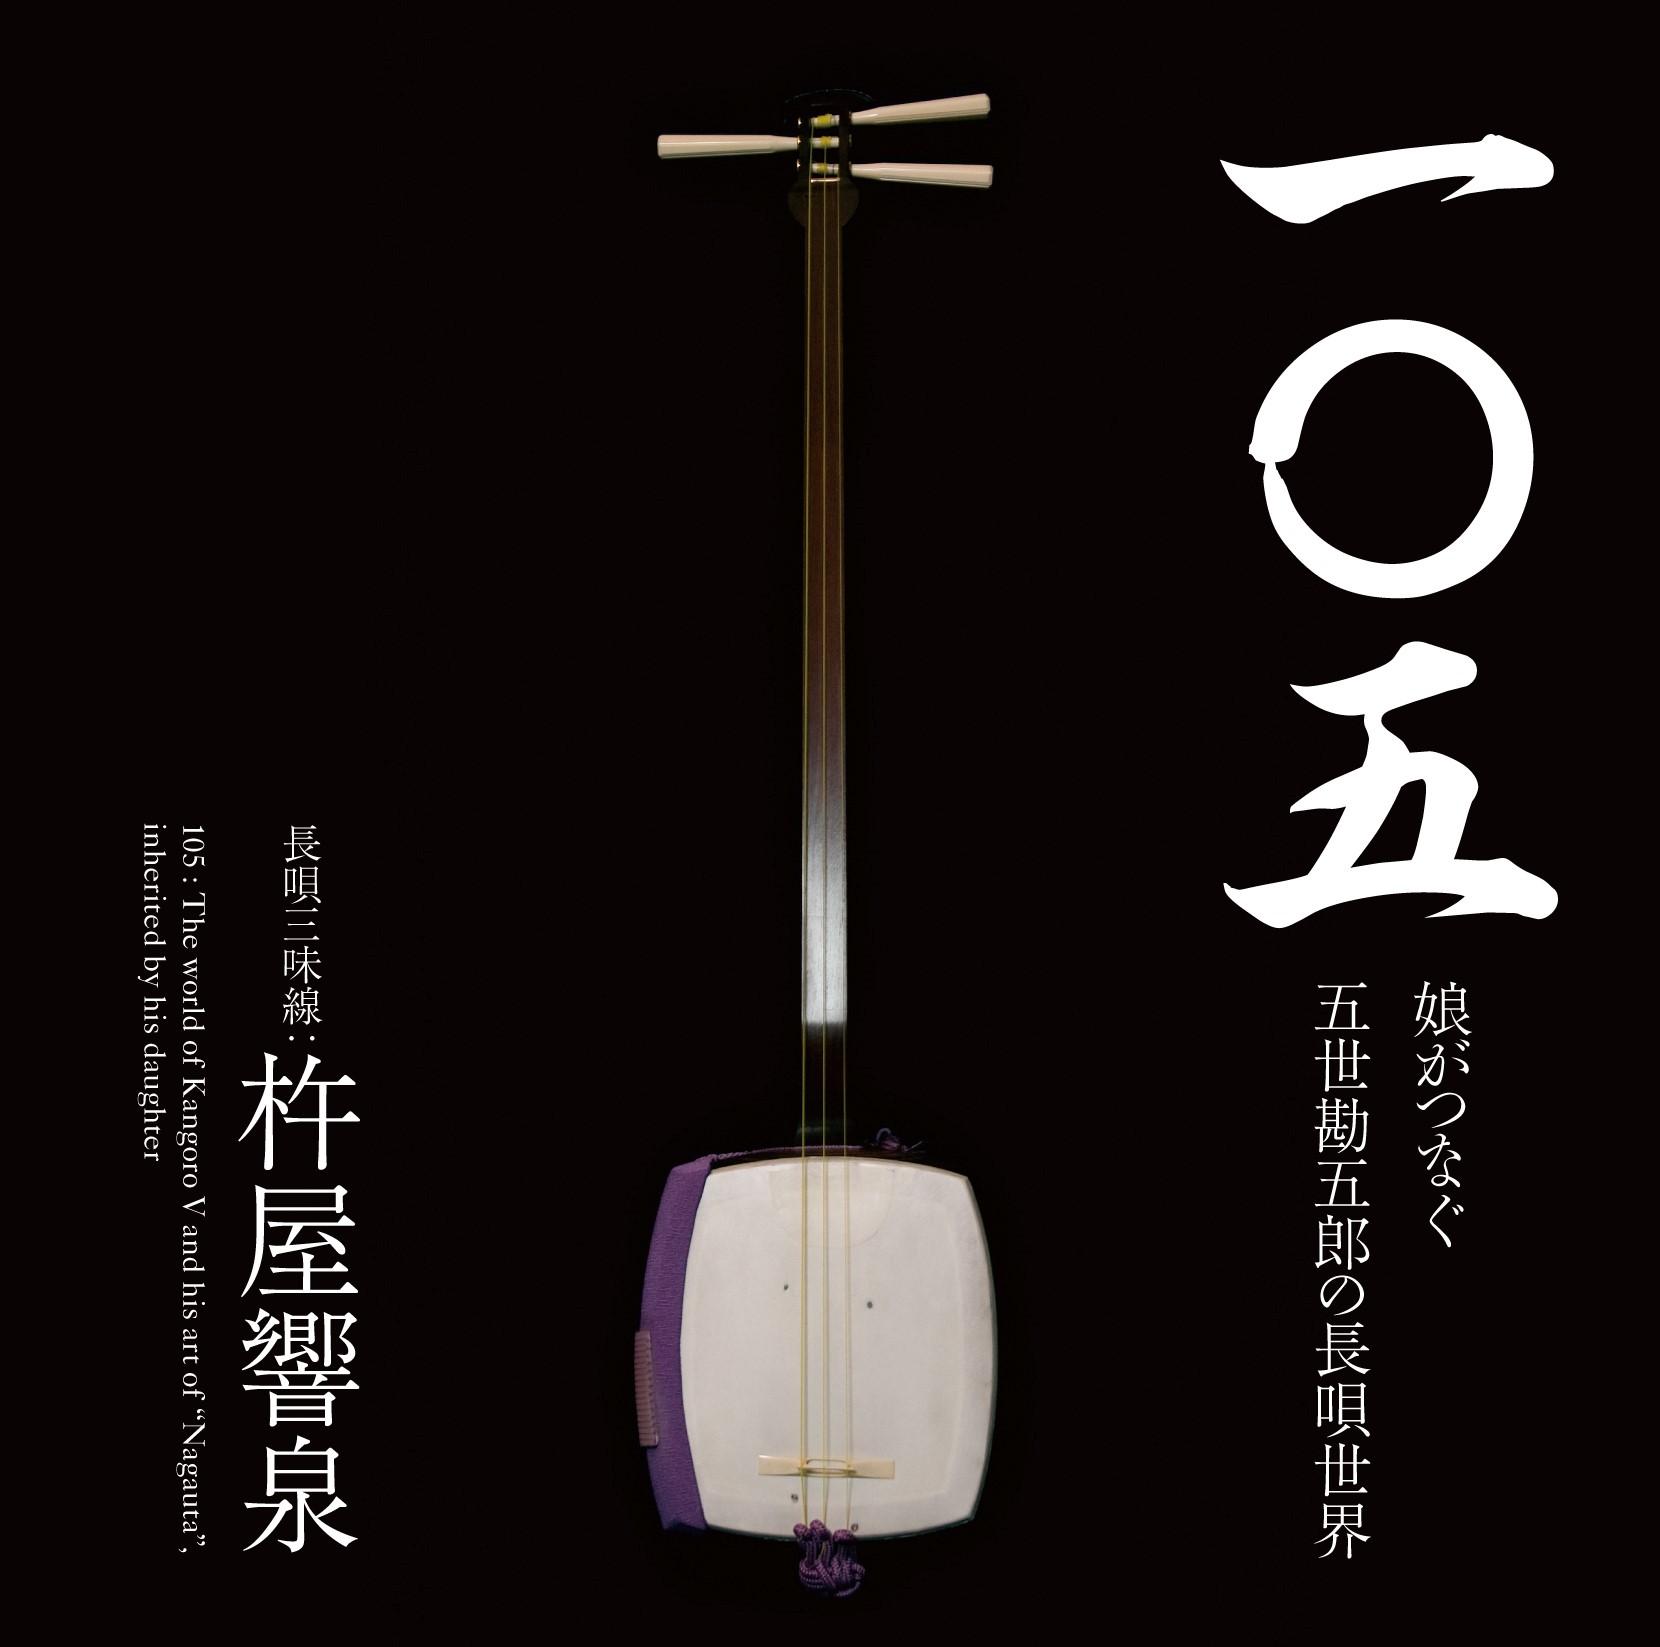 一〇五 娘がつなぐ五世勘五郎の長唄世界/杵屋響泉[1609]